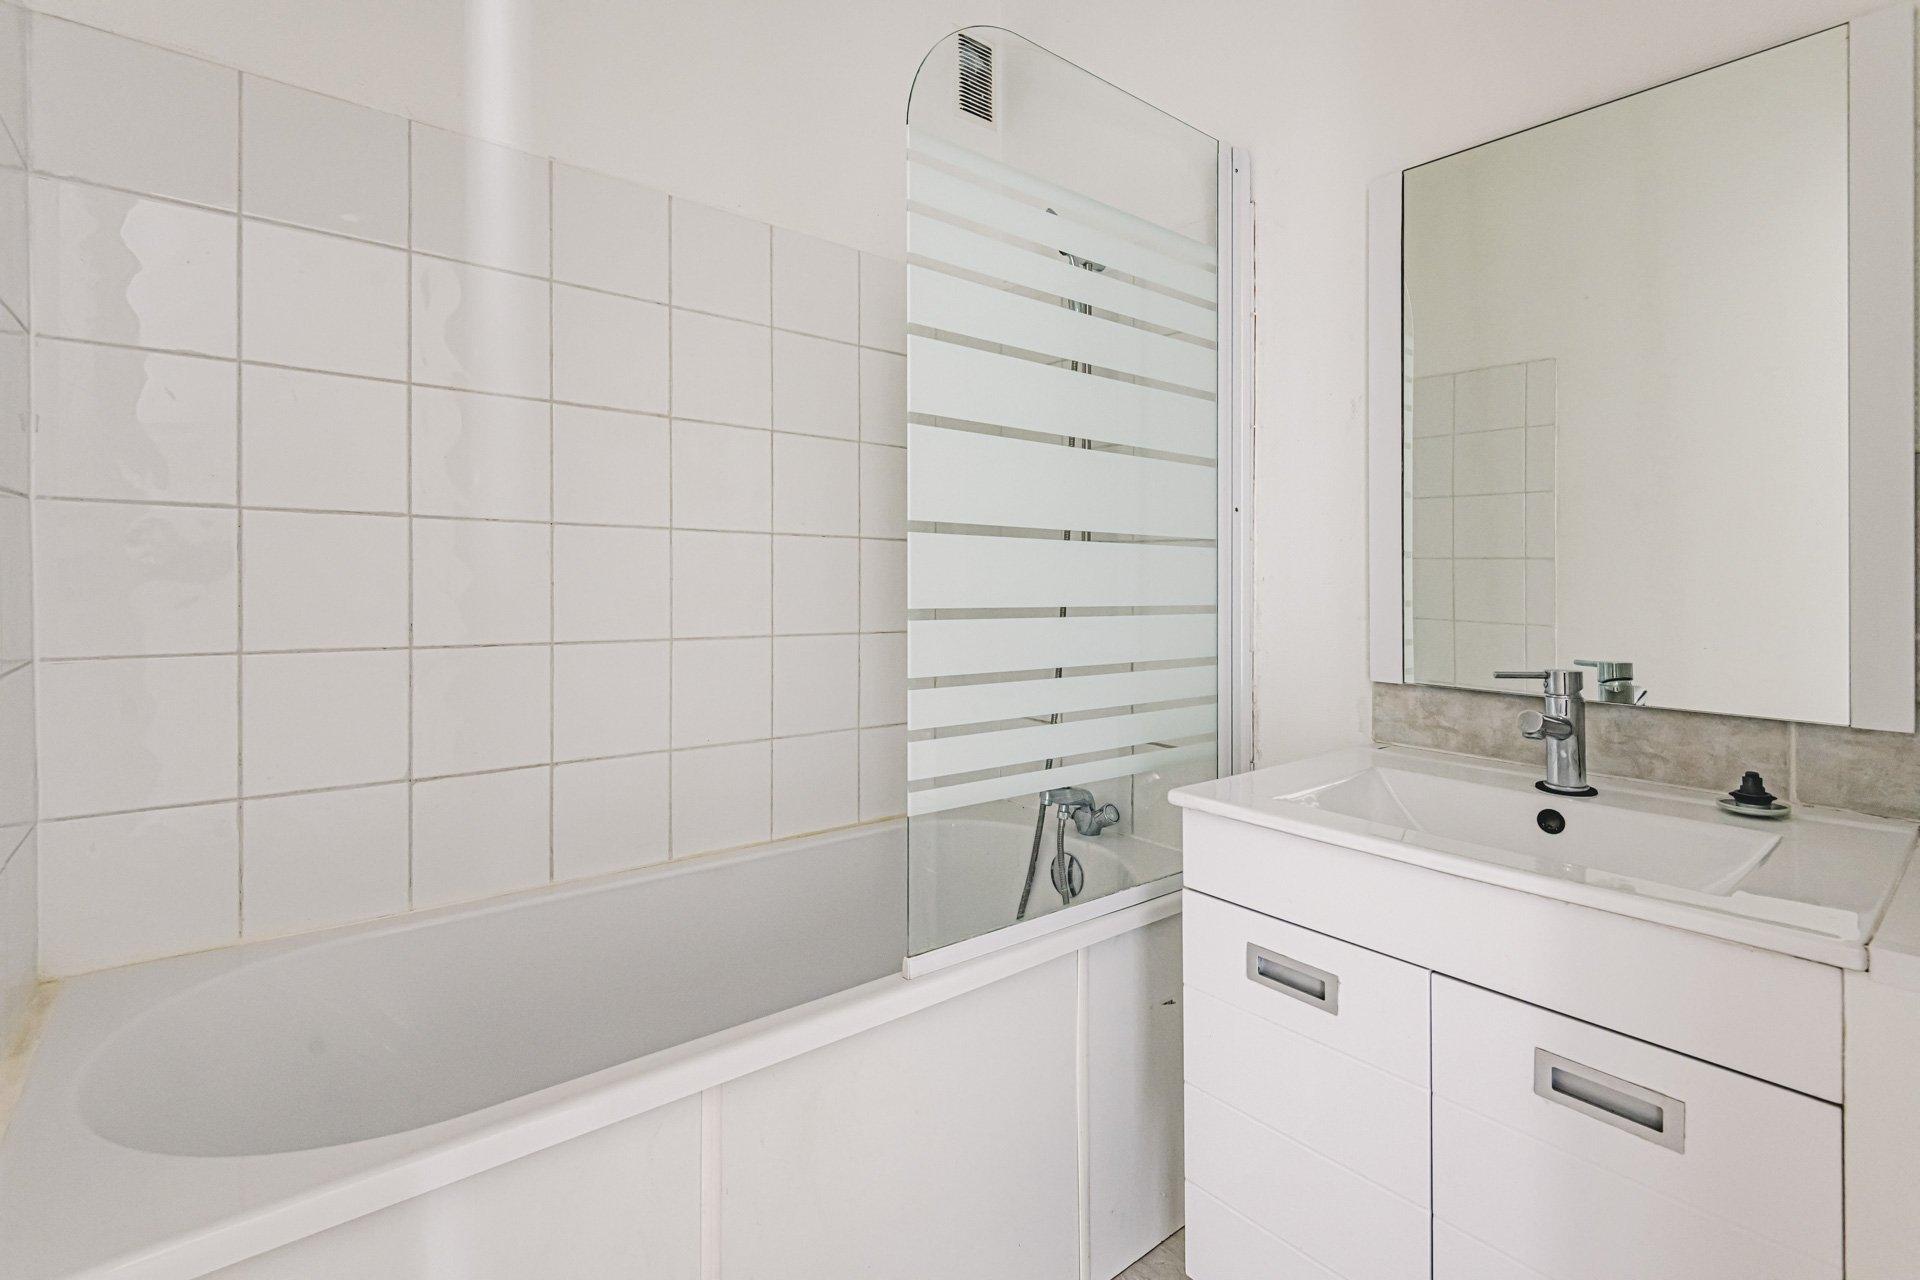 Appartement Reims 4 Pièces 69.2 m2 - 7